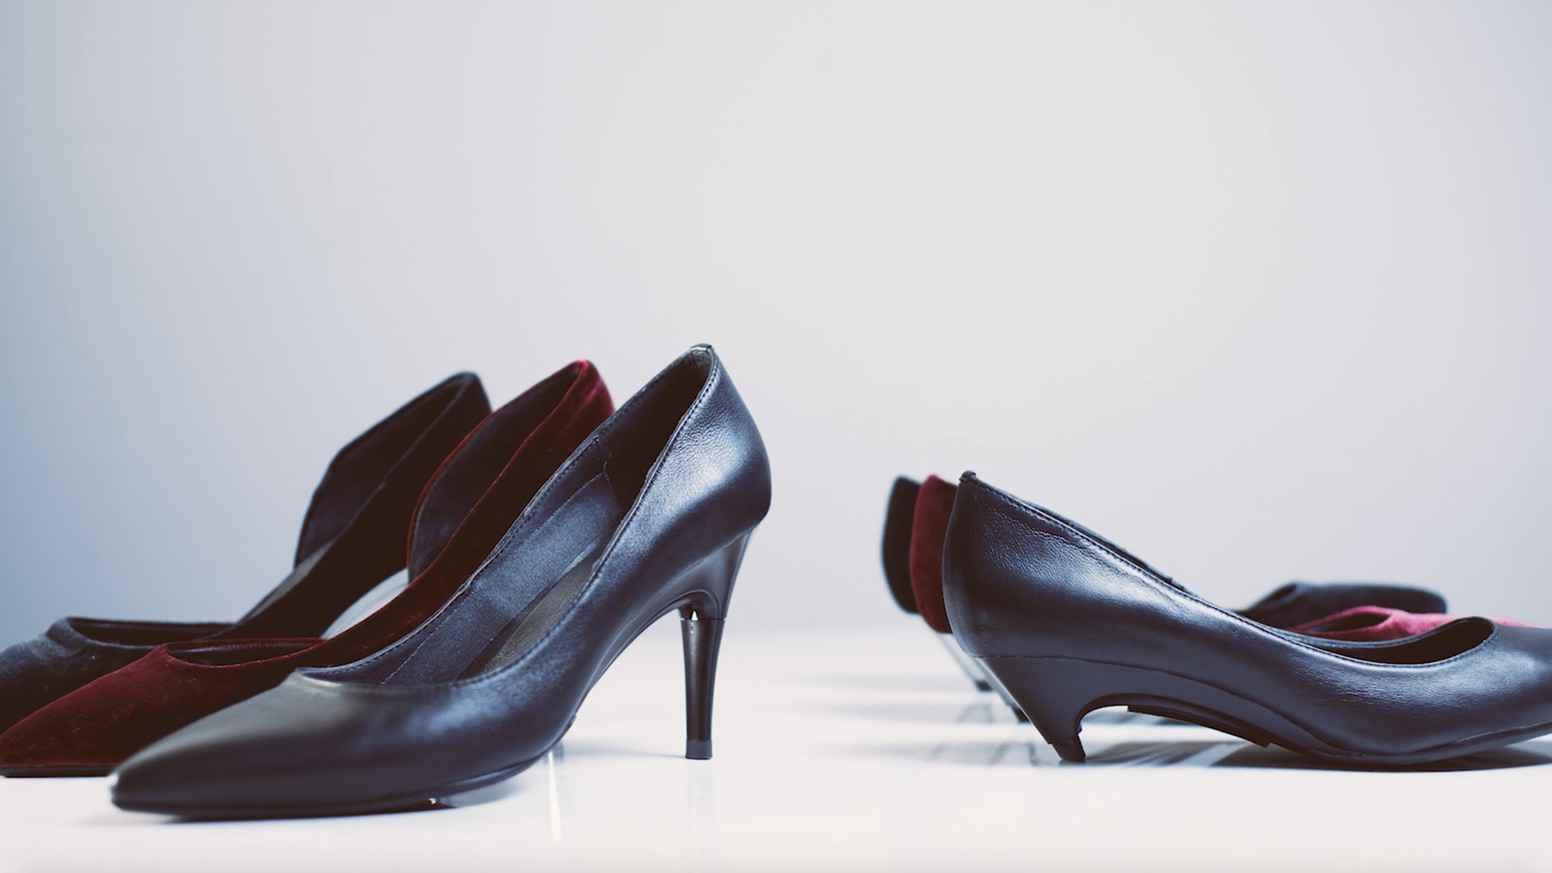 plus récent 56290 34318 Gena, les chaussures à talons rétractables | NeozOne